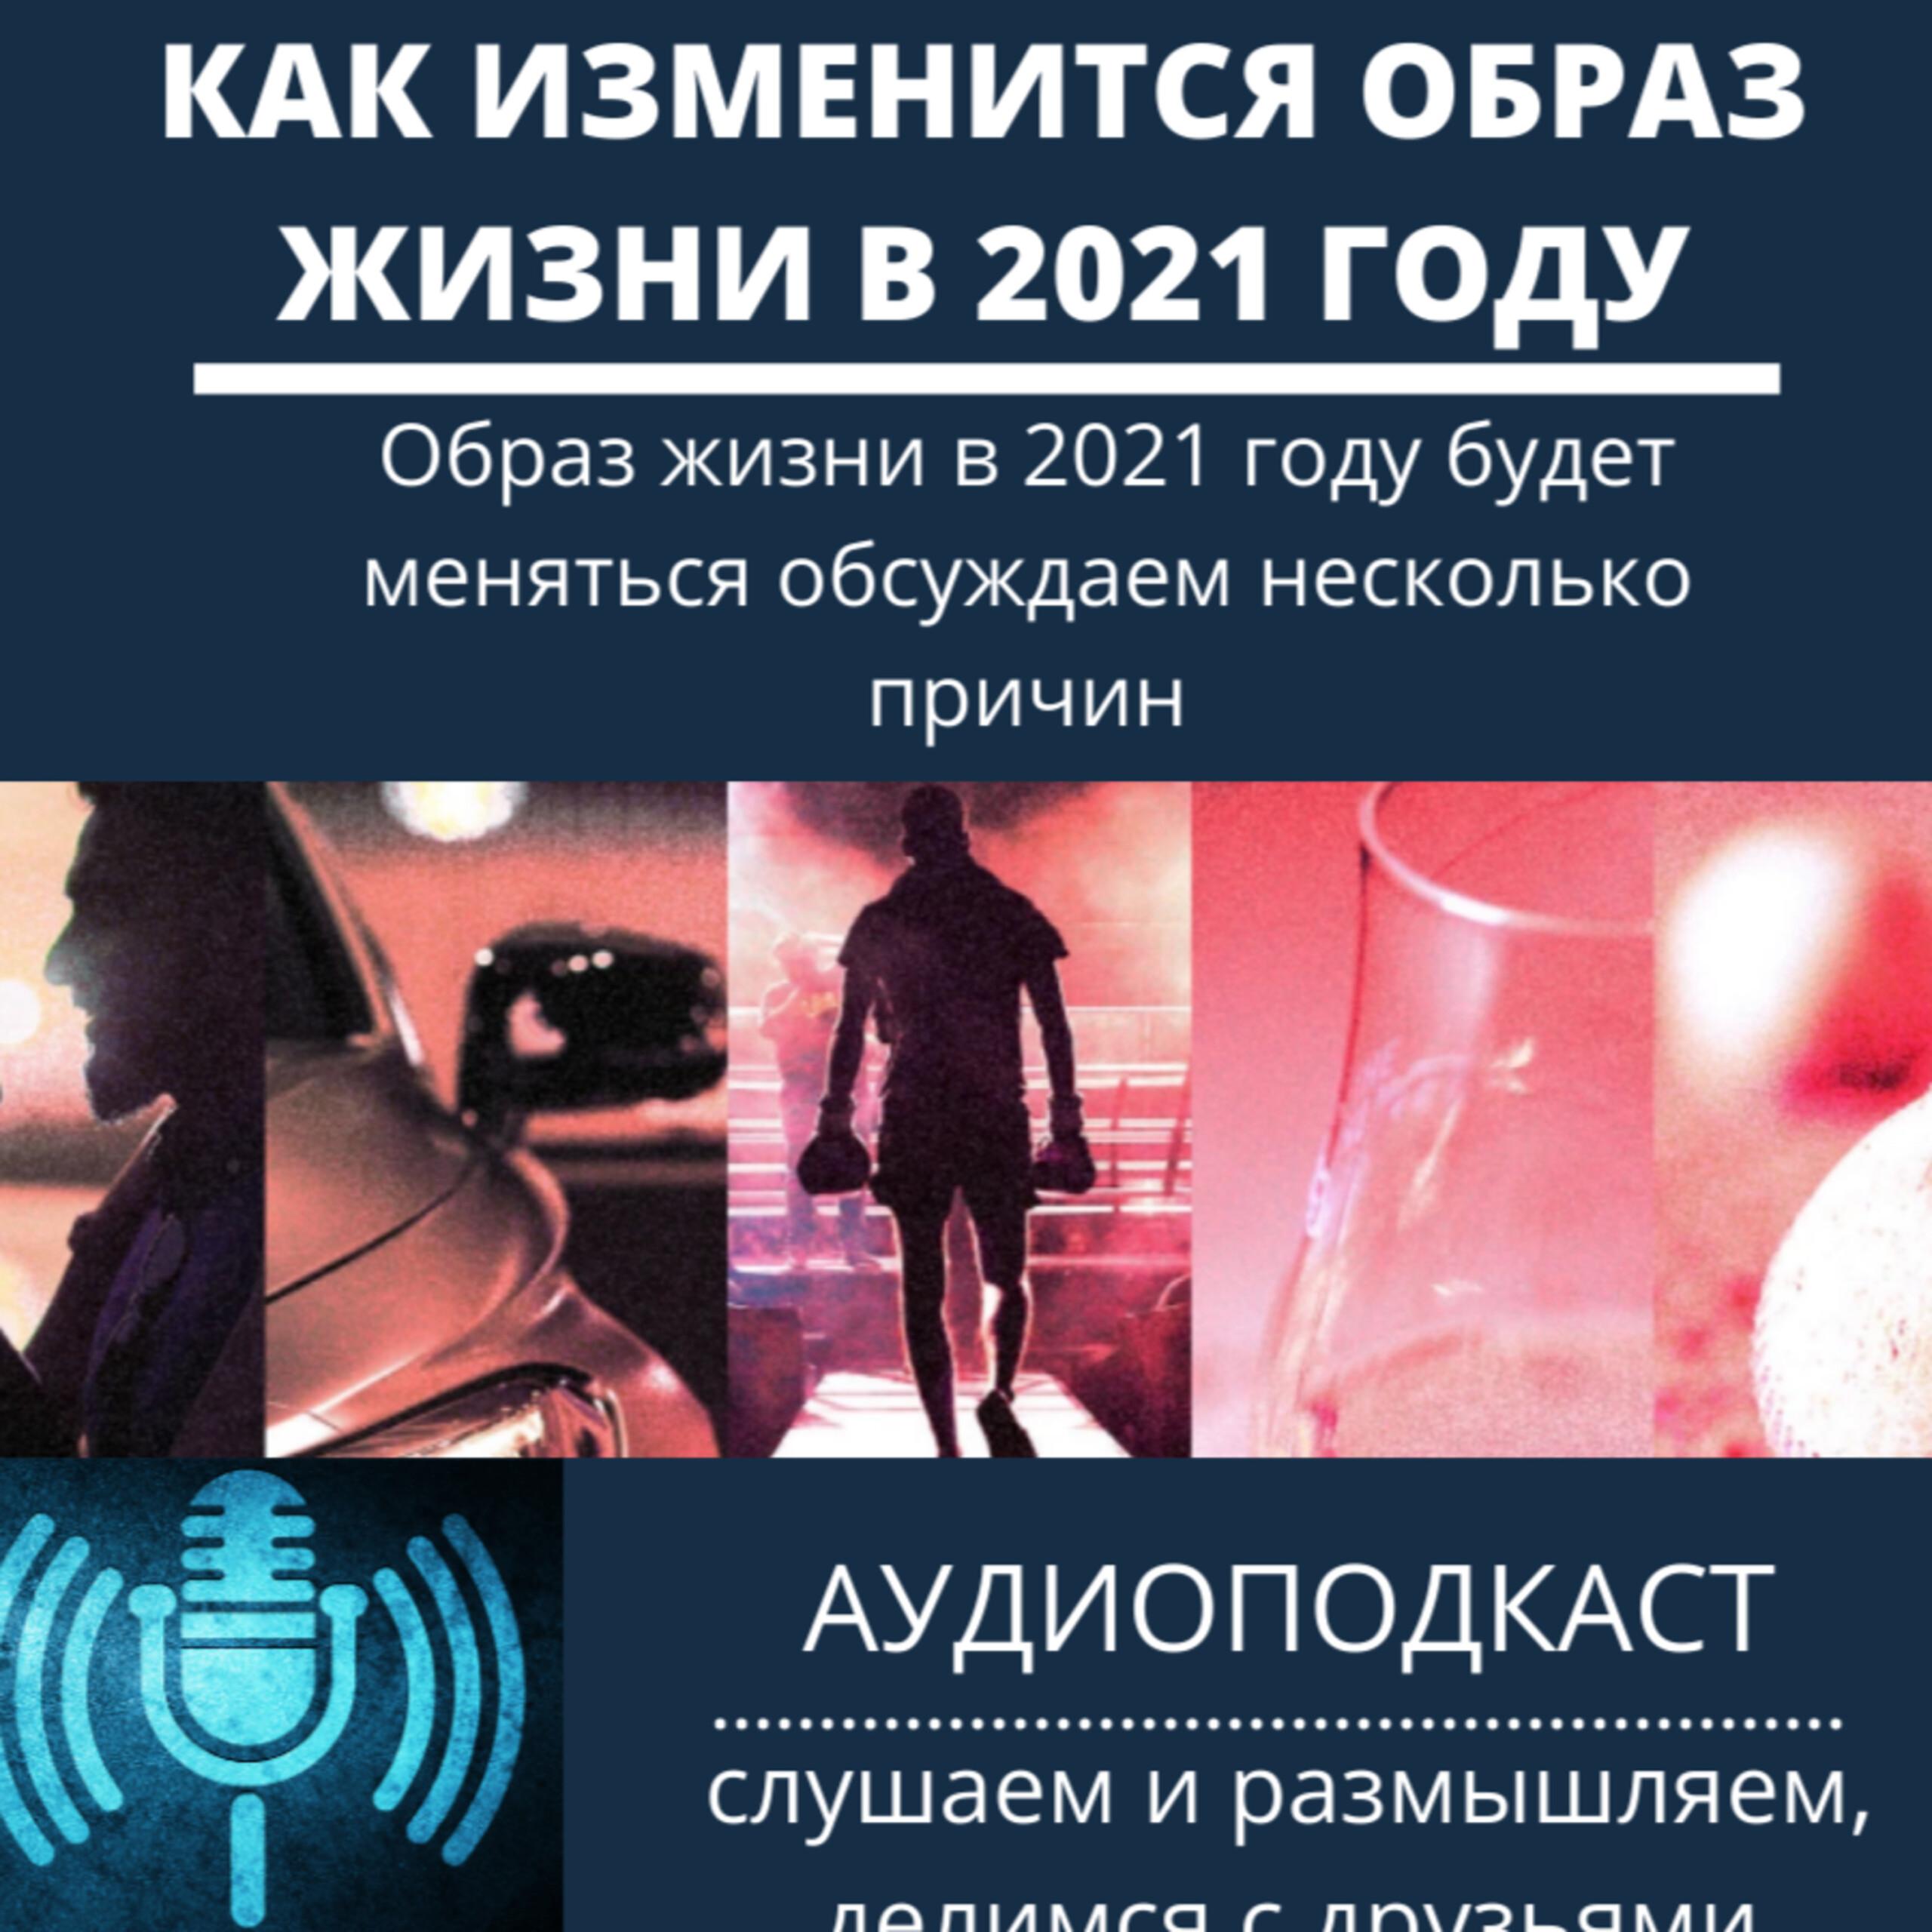 Образ жизни в 2021 году будет меняться обсуждаем несколько причин